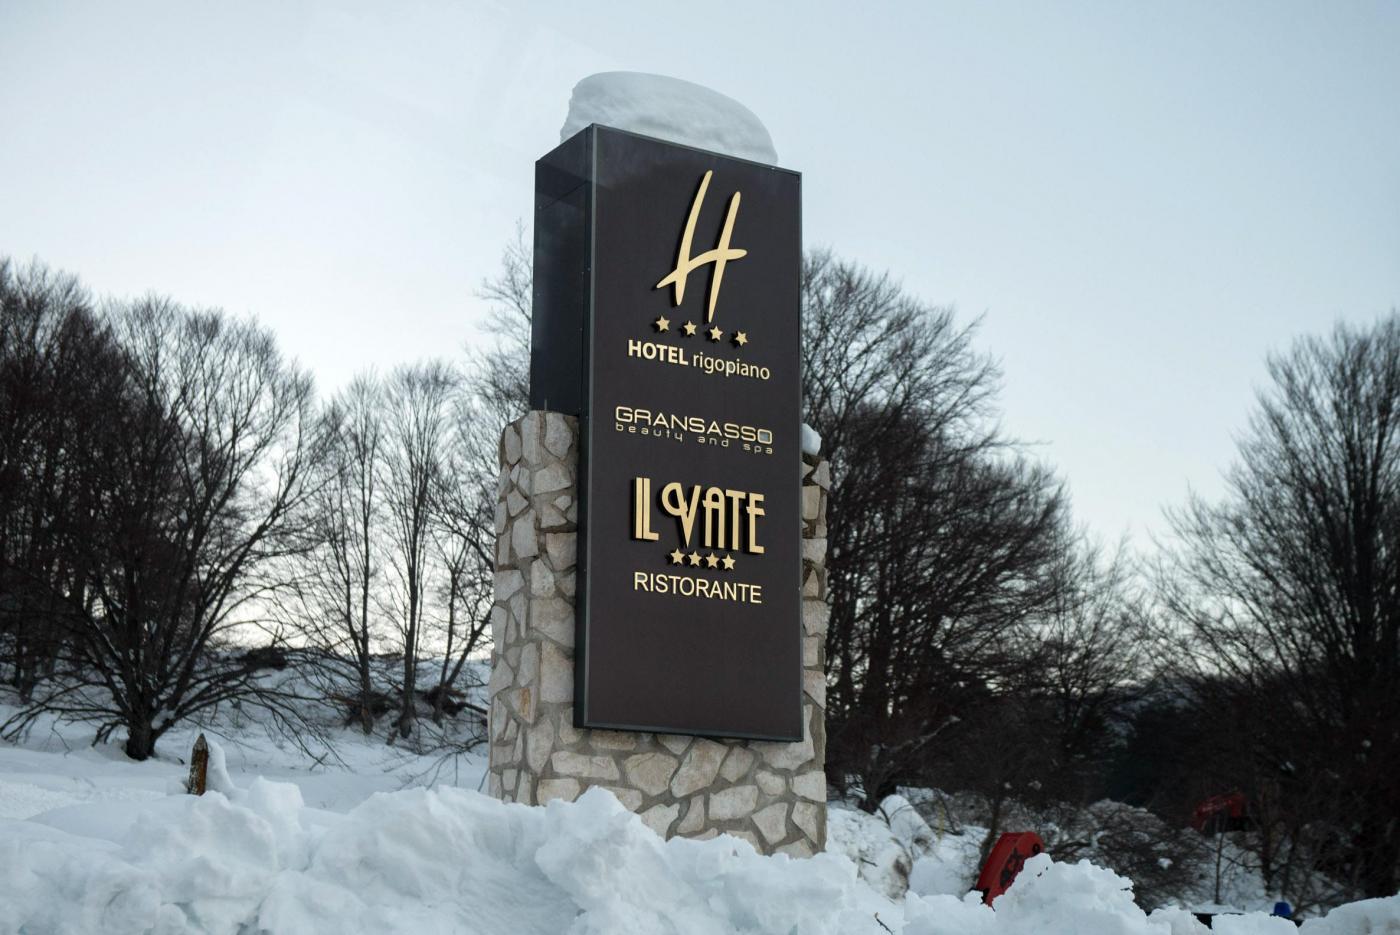 Hotel Rigopiano: la tragedia diventa una fiction di quattro puntate